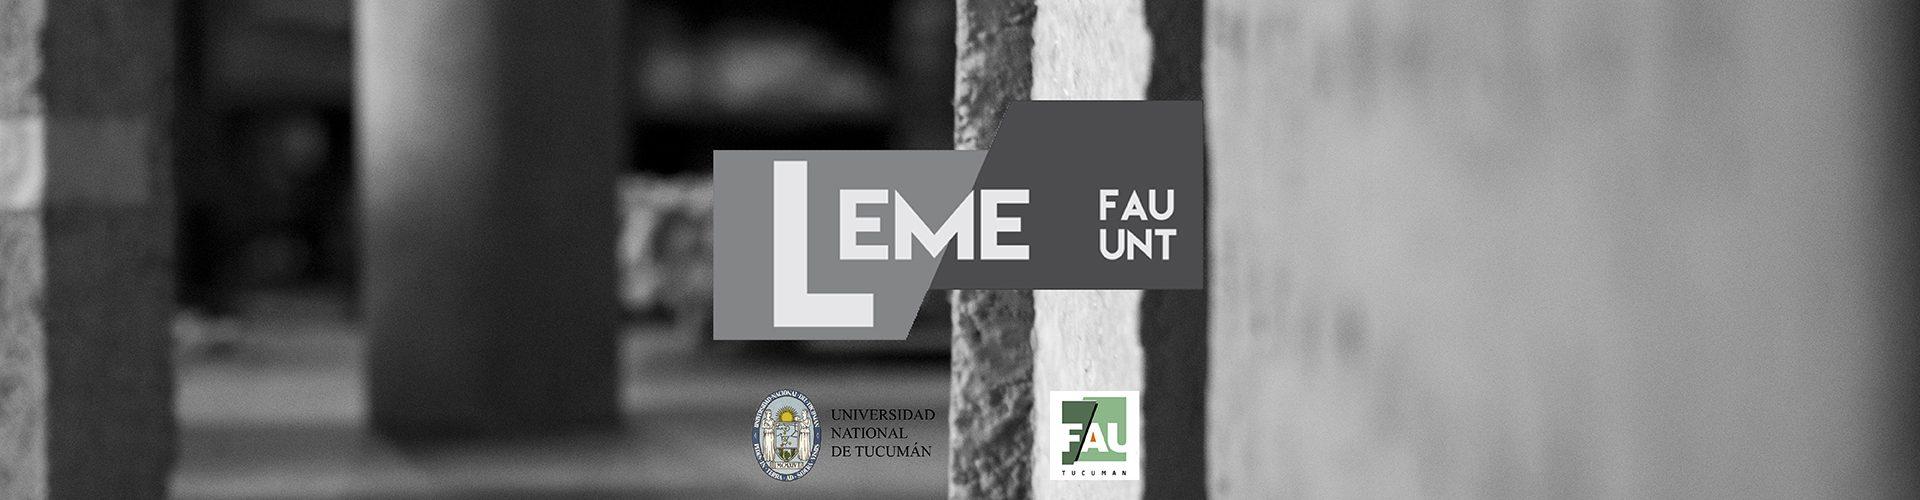 LEME - FAU UNT